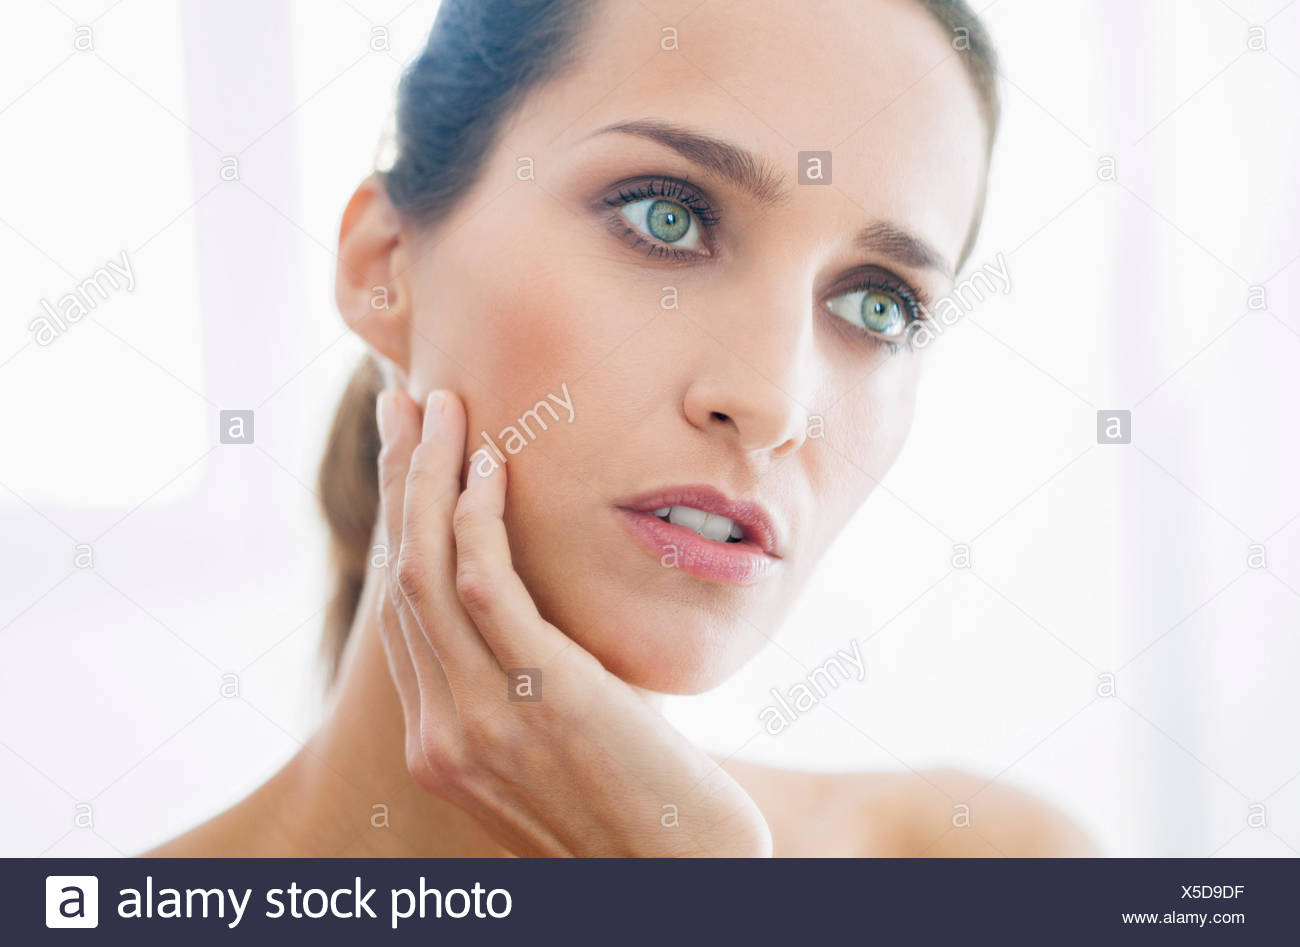 Nahaufnahme einer schönen Frau wegschauen Stockbild